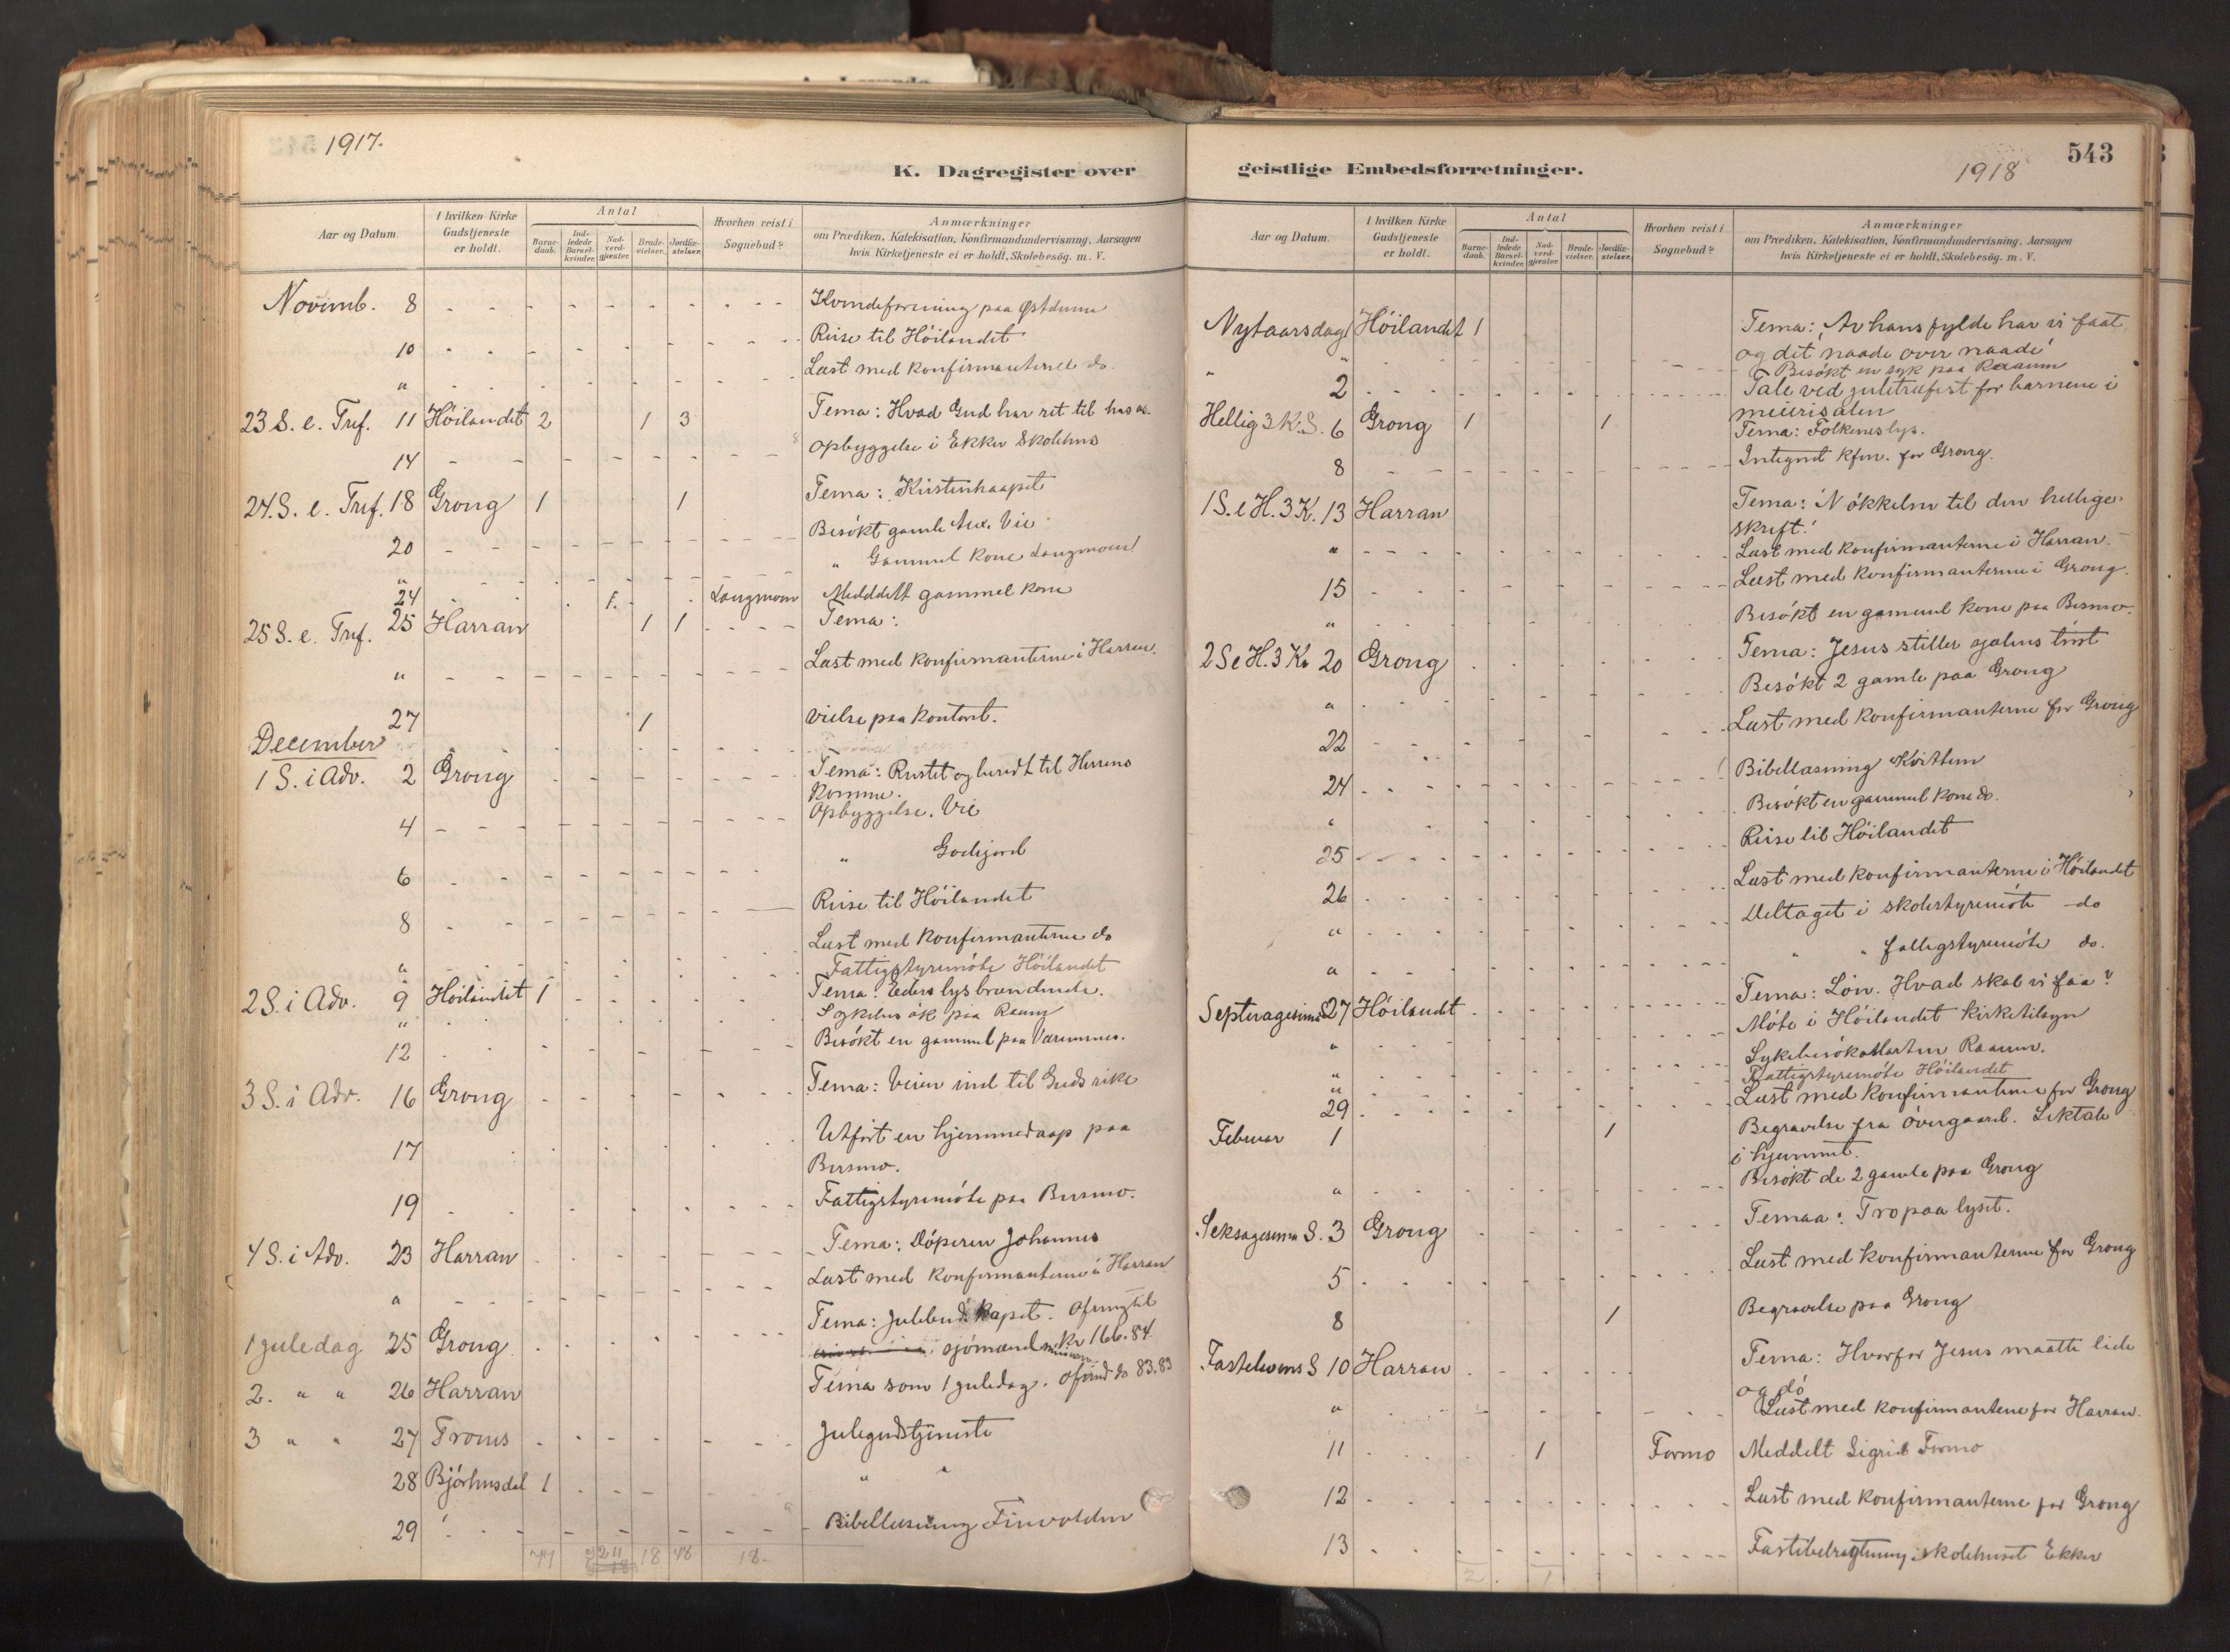 SAT, Ministerialprotokoller, klokkerbøker og fødselsregistre - Nord-Trøndelag, 758/L0519: Ministerialbok nr. 758A04, 1880-1926, s. 543